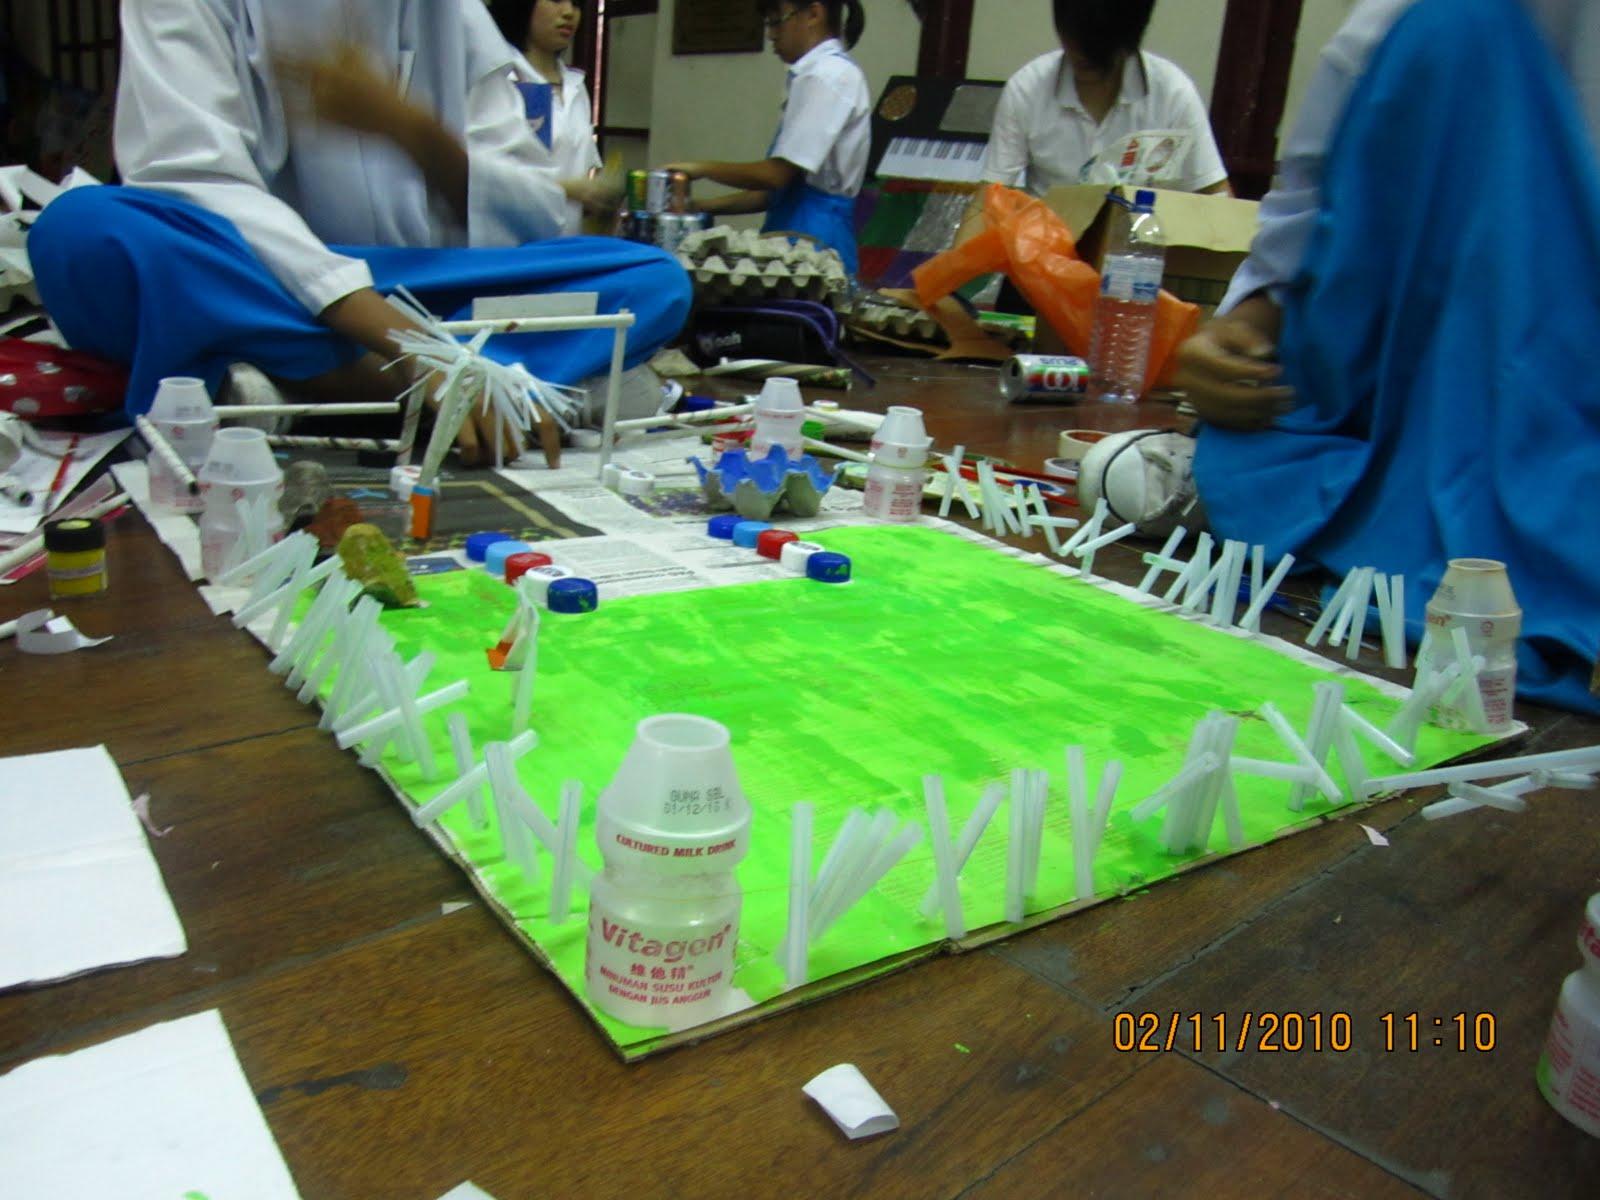 Our Argosy Smk Methodist Girls Ipoh Perak Pasca Pmr 2010 Pertandingan Reka Cipta Bahan Terbuang